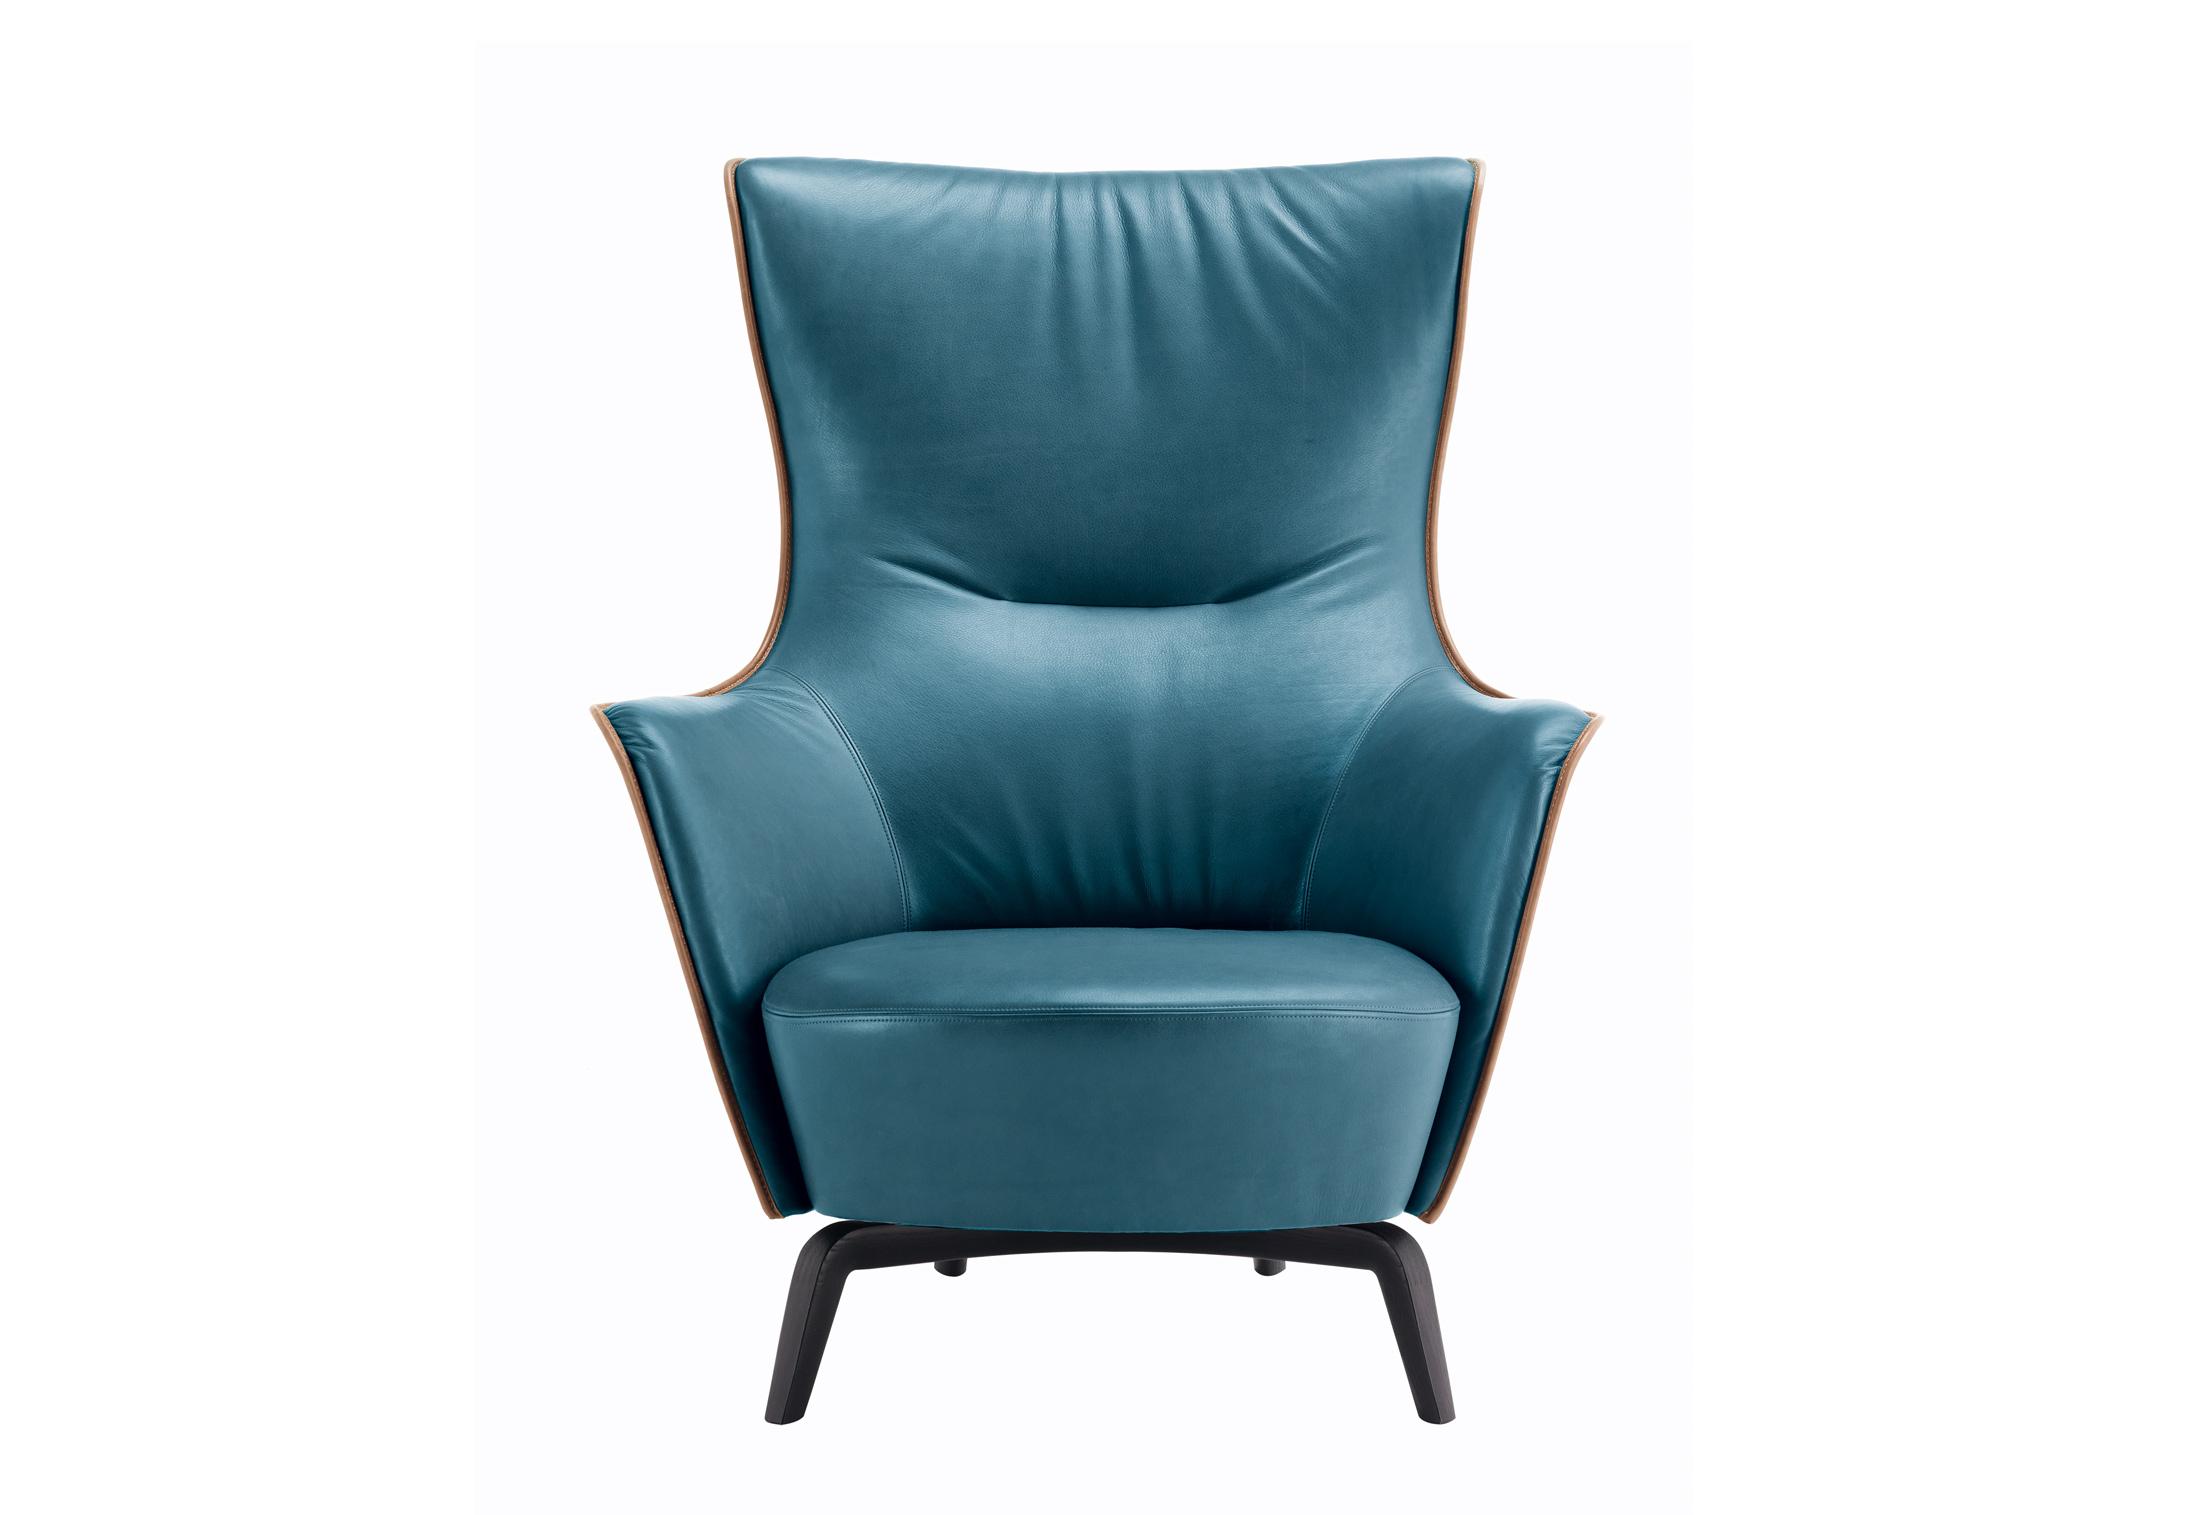 Mamy Blue By Poltrona Frau Stylepark